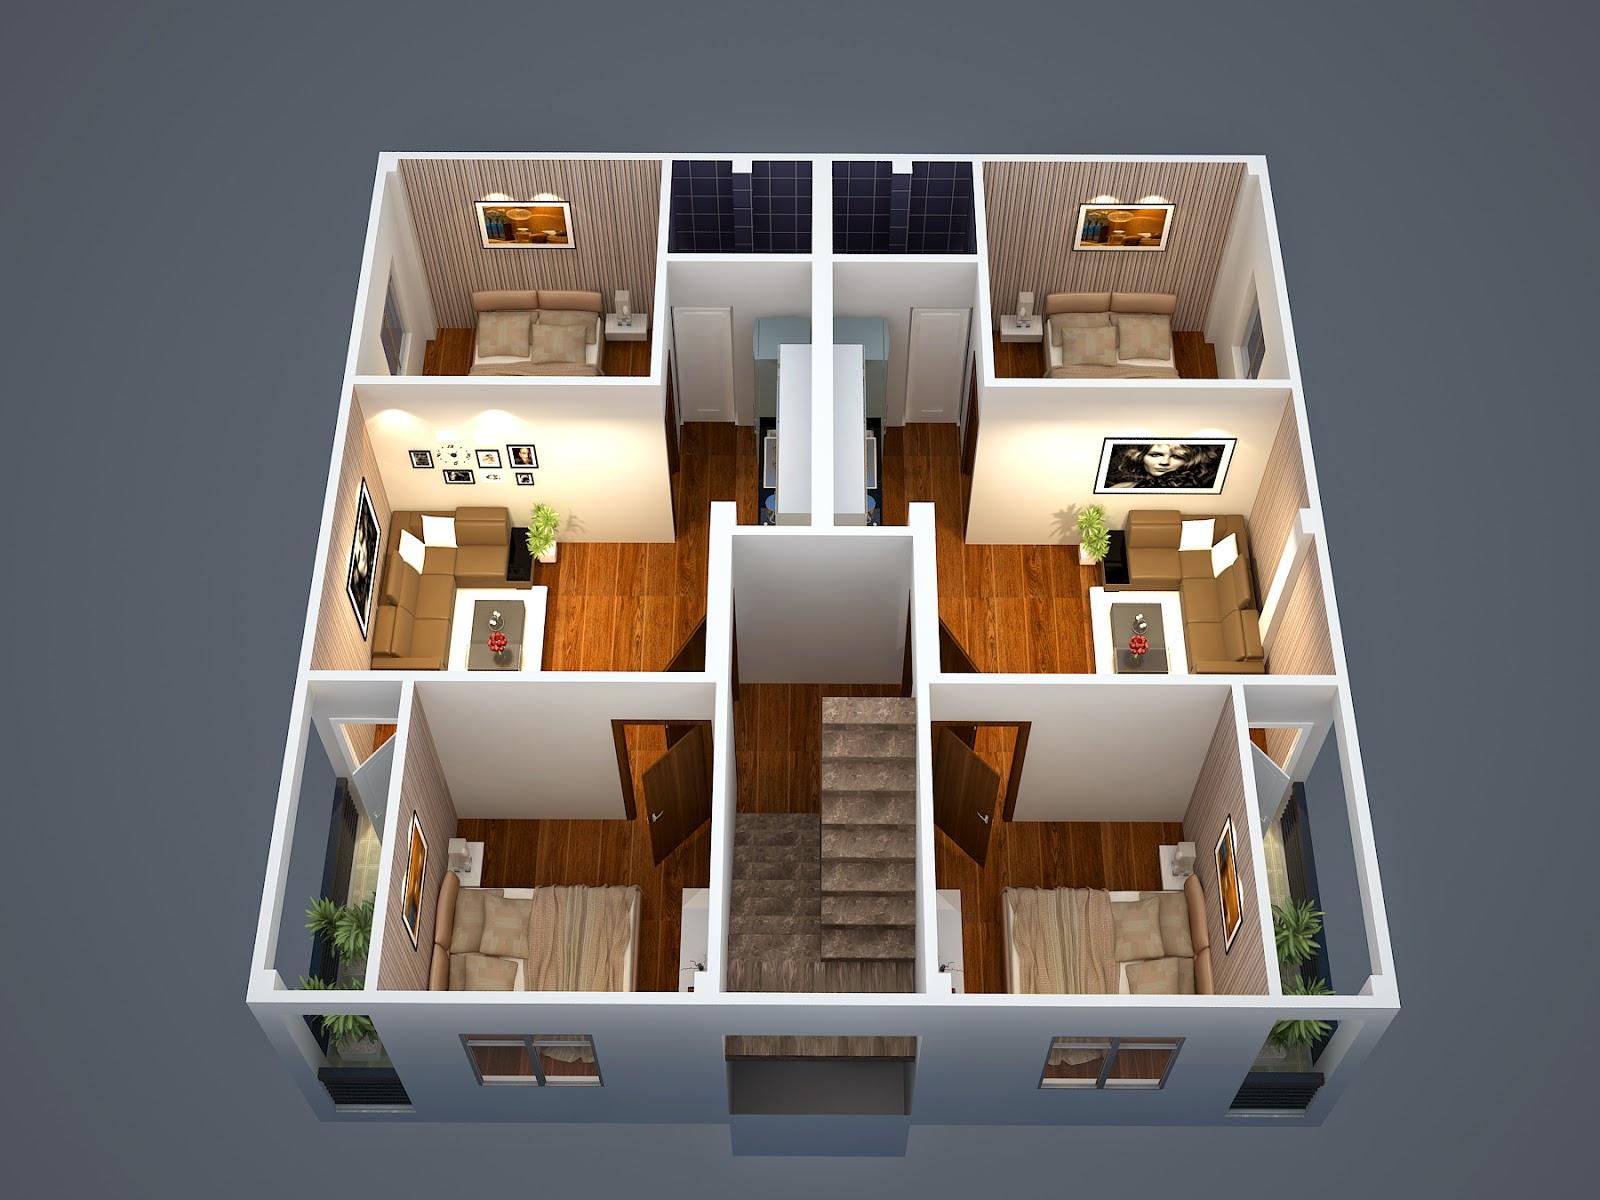 chung cư giá rẻ| chung cư mini| chung cư mini Hà Nội